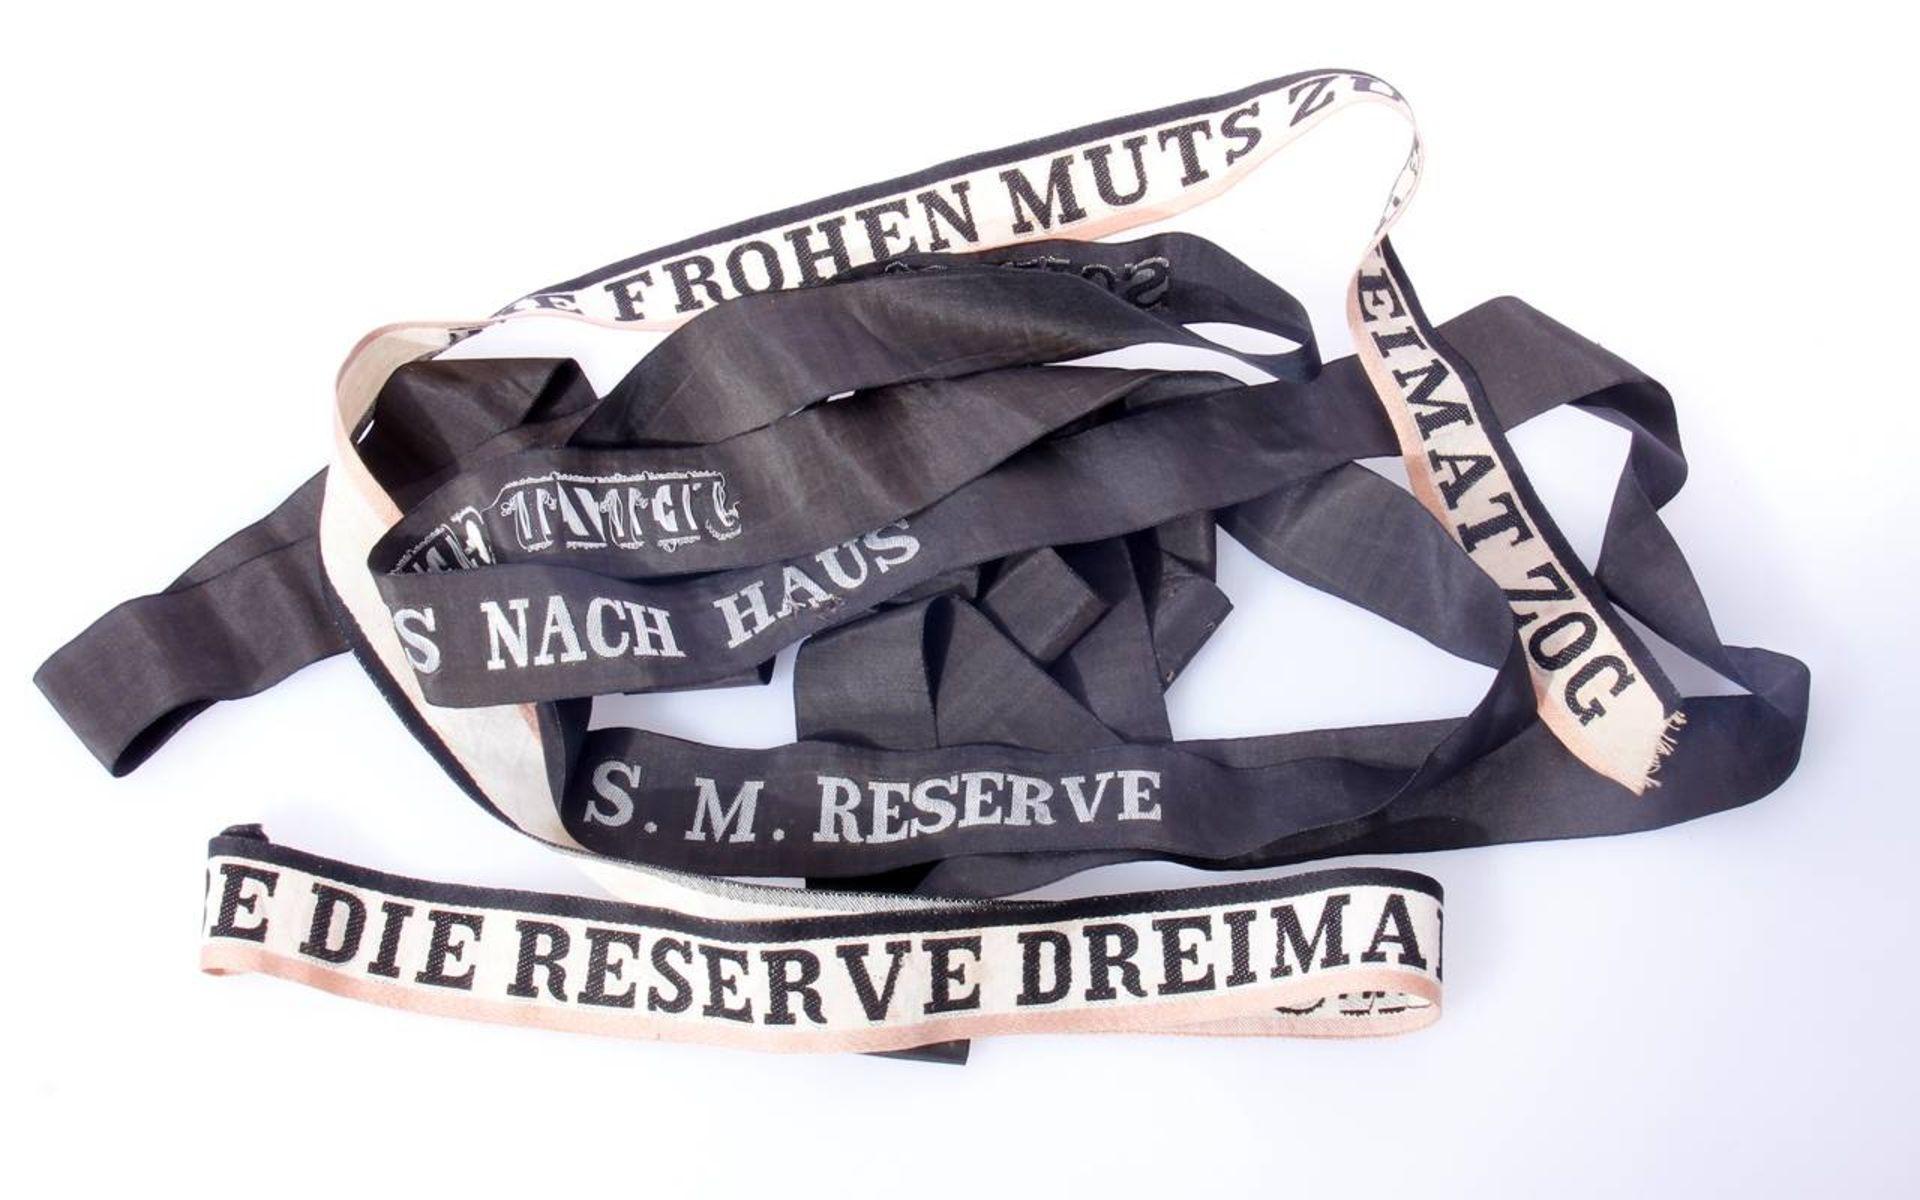 Reservisten Mützenbänder KaisserreichVerschiedene Mützenbänder und Reservebänder aus der